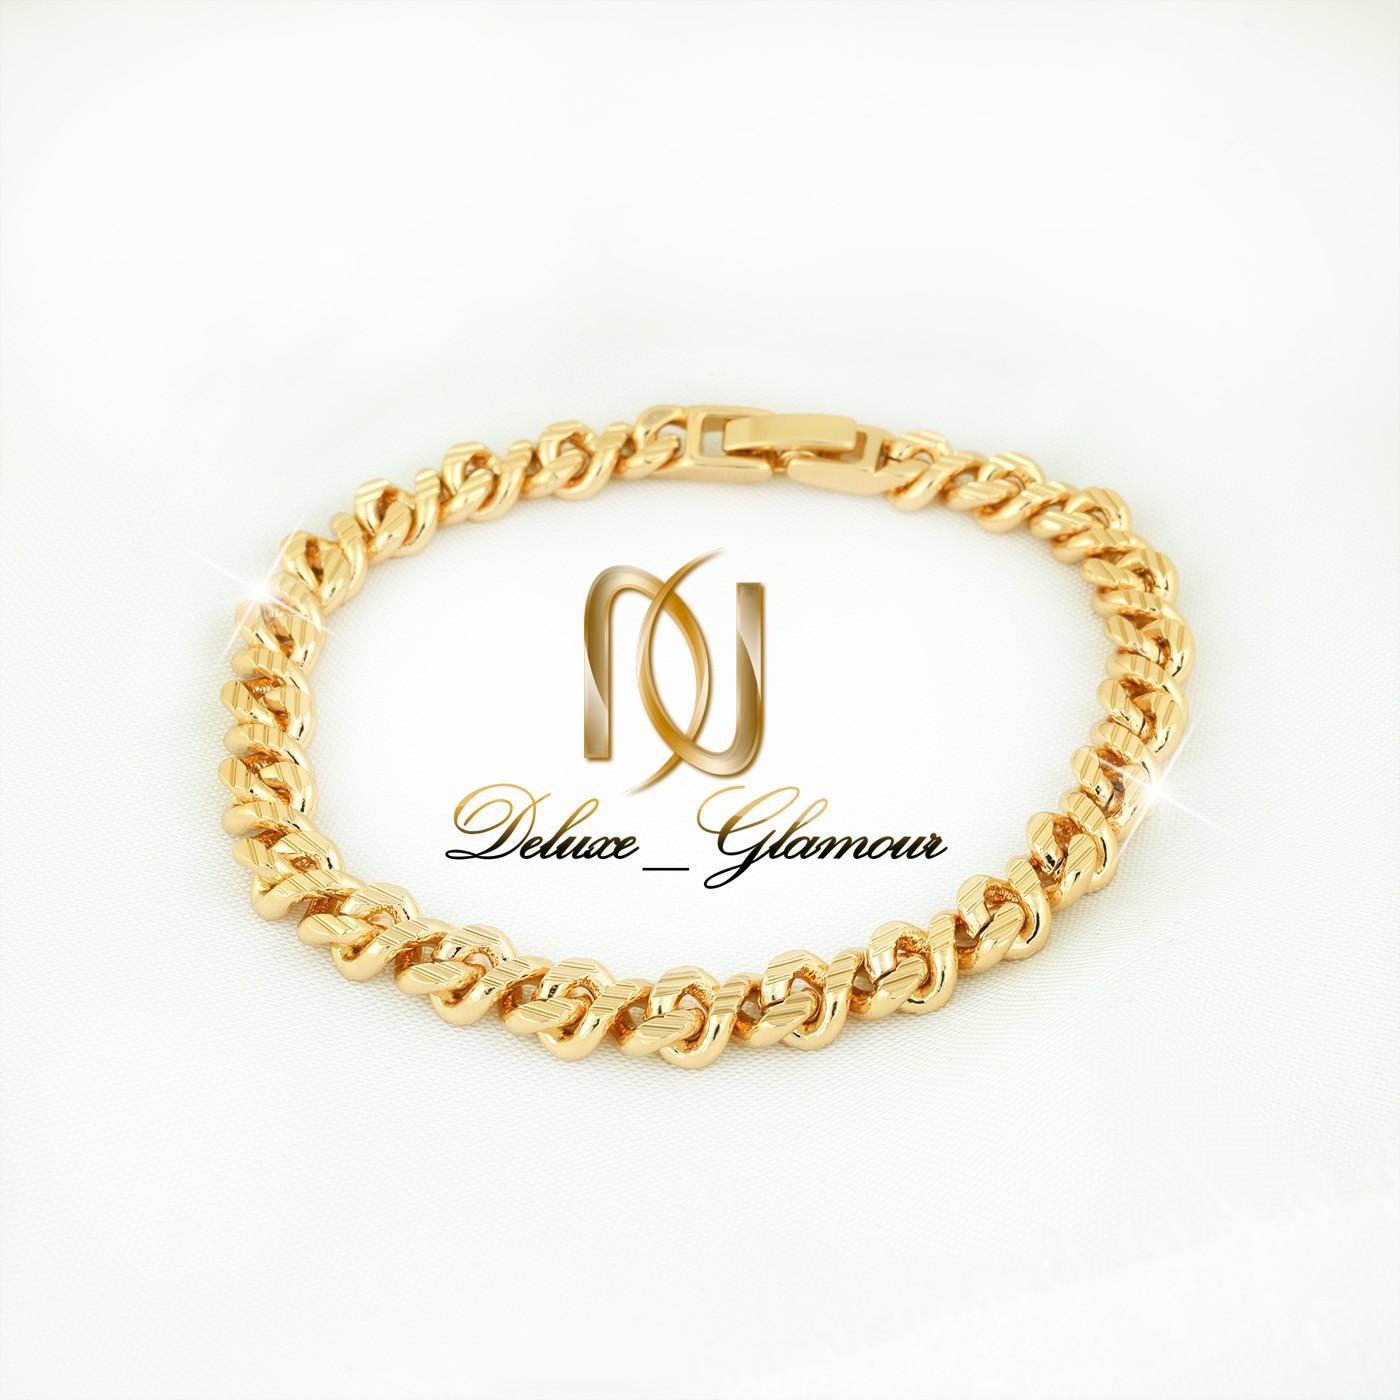 دستبند زنانه ژوپینگ طرح کارتیر شیار دار ds-n267 از بالا و کامل